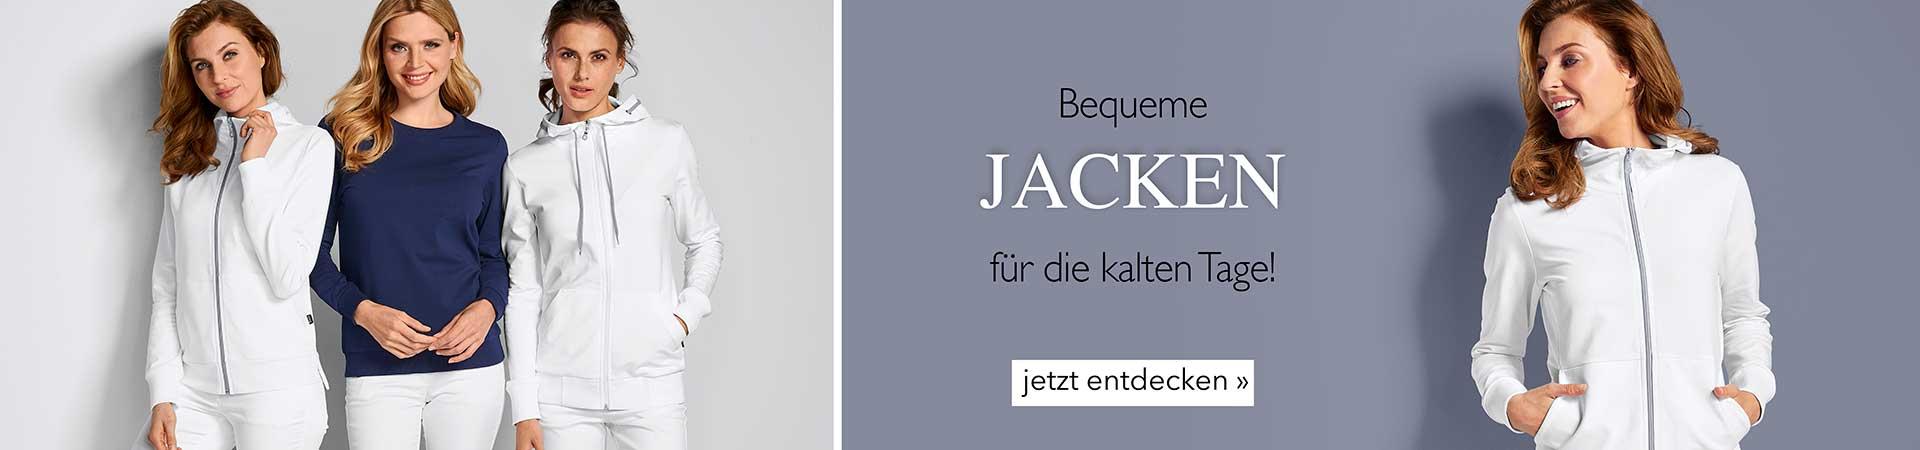 Bequeme Jacken